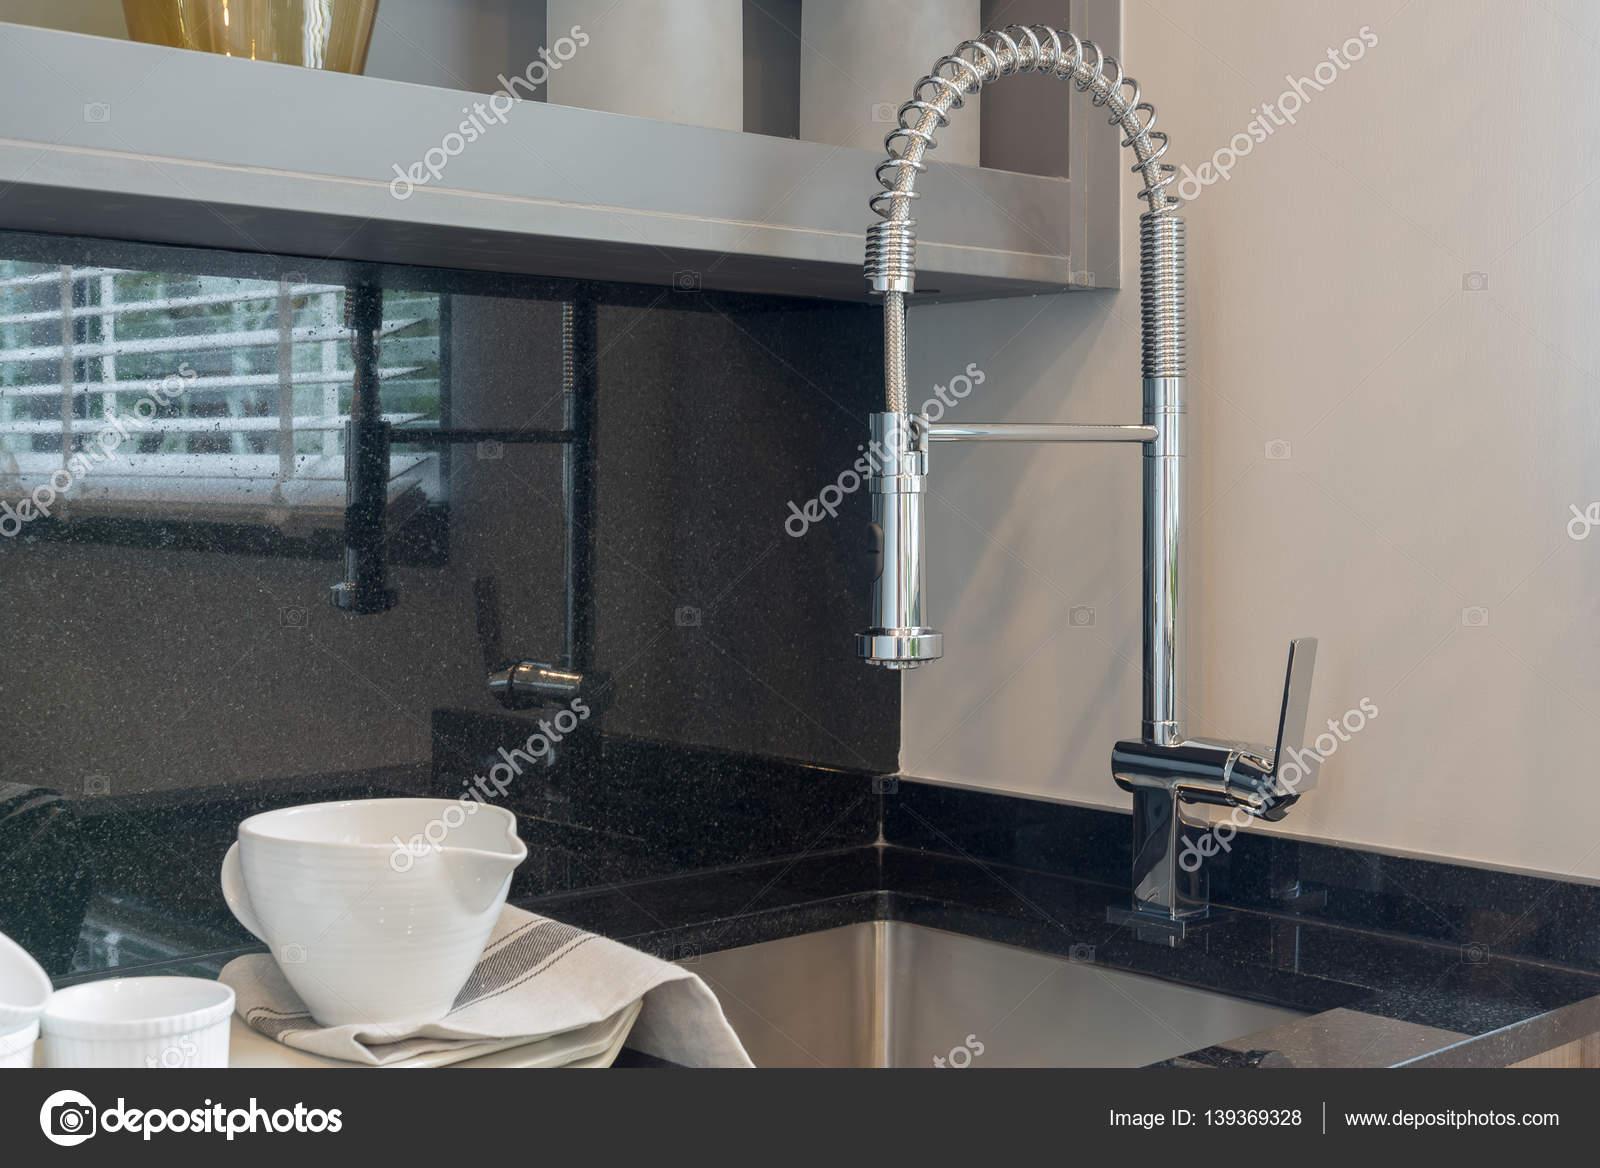 camera moderna cucina con lavello su top in granito — Foto Stock ...